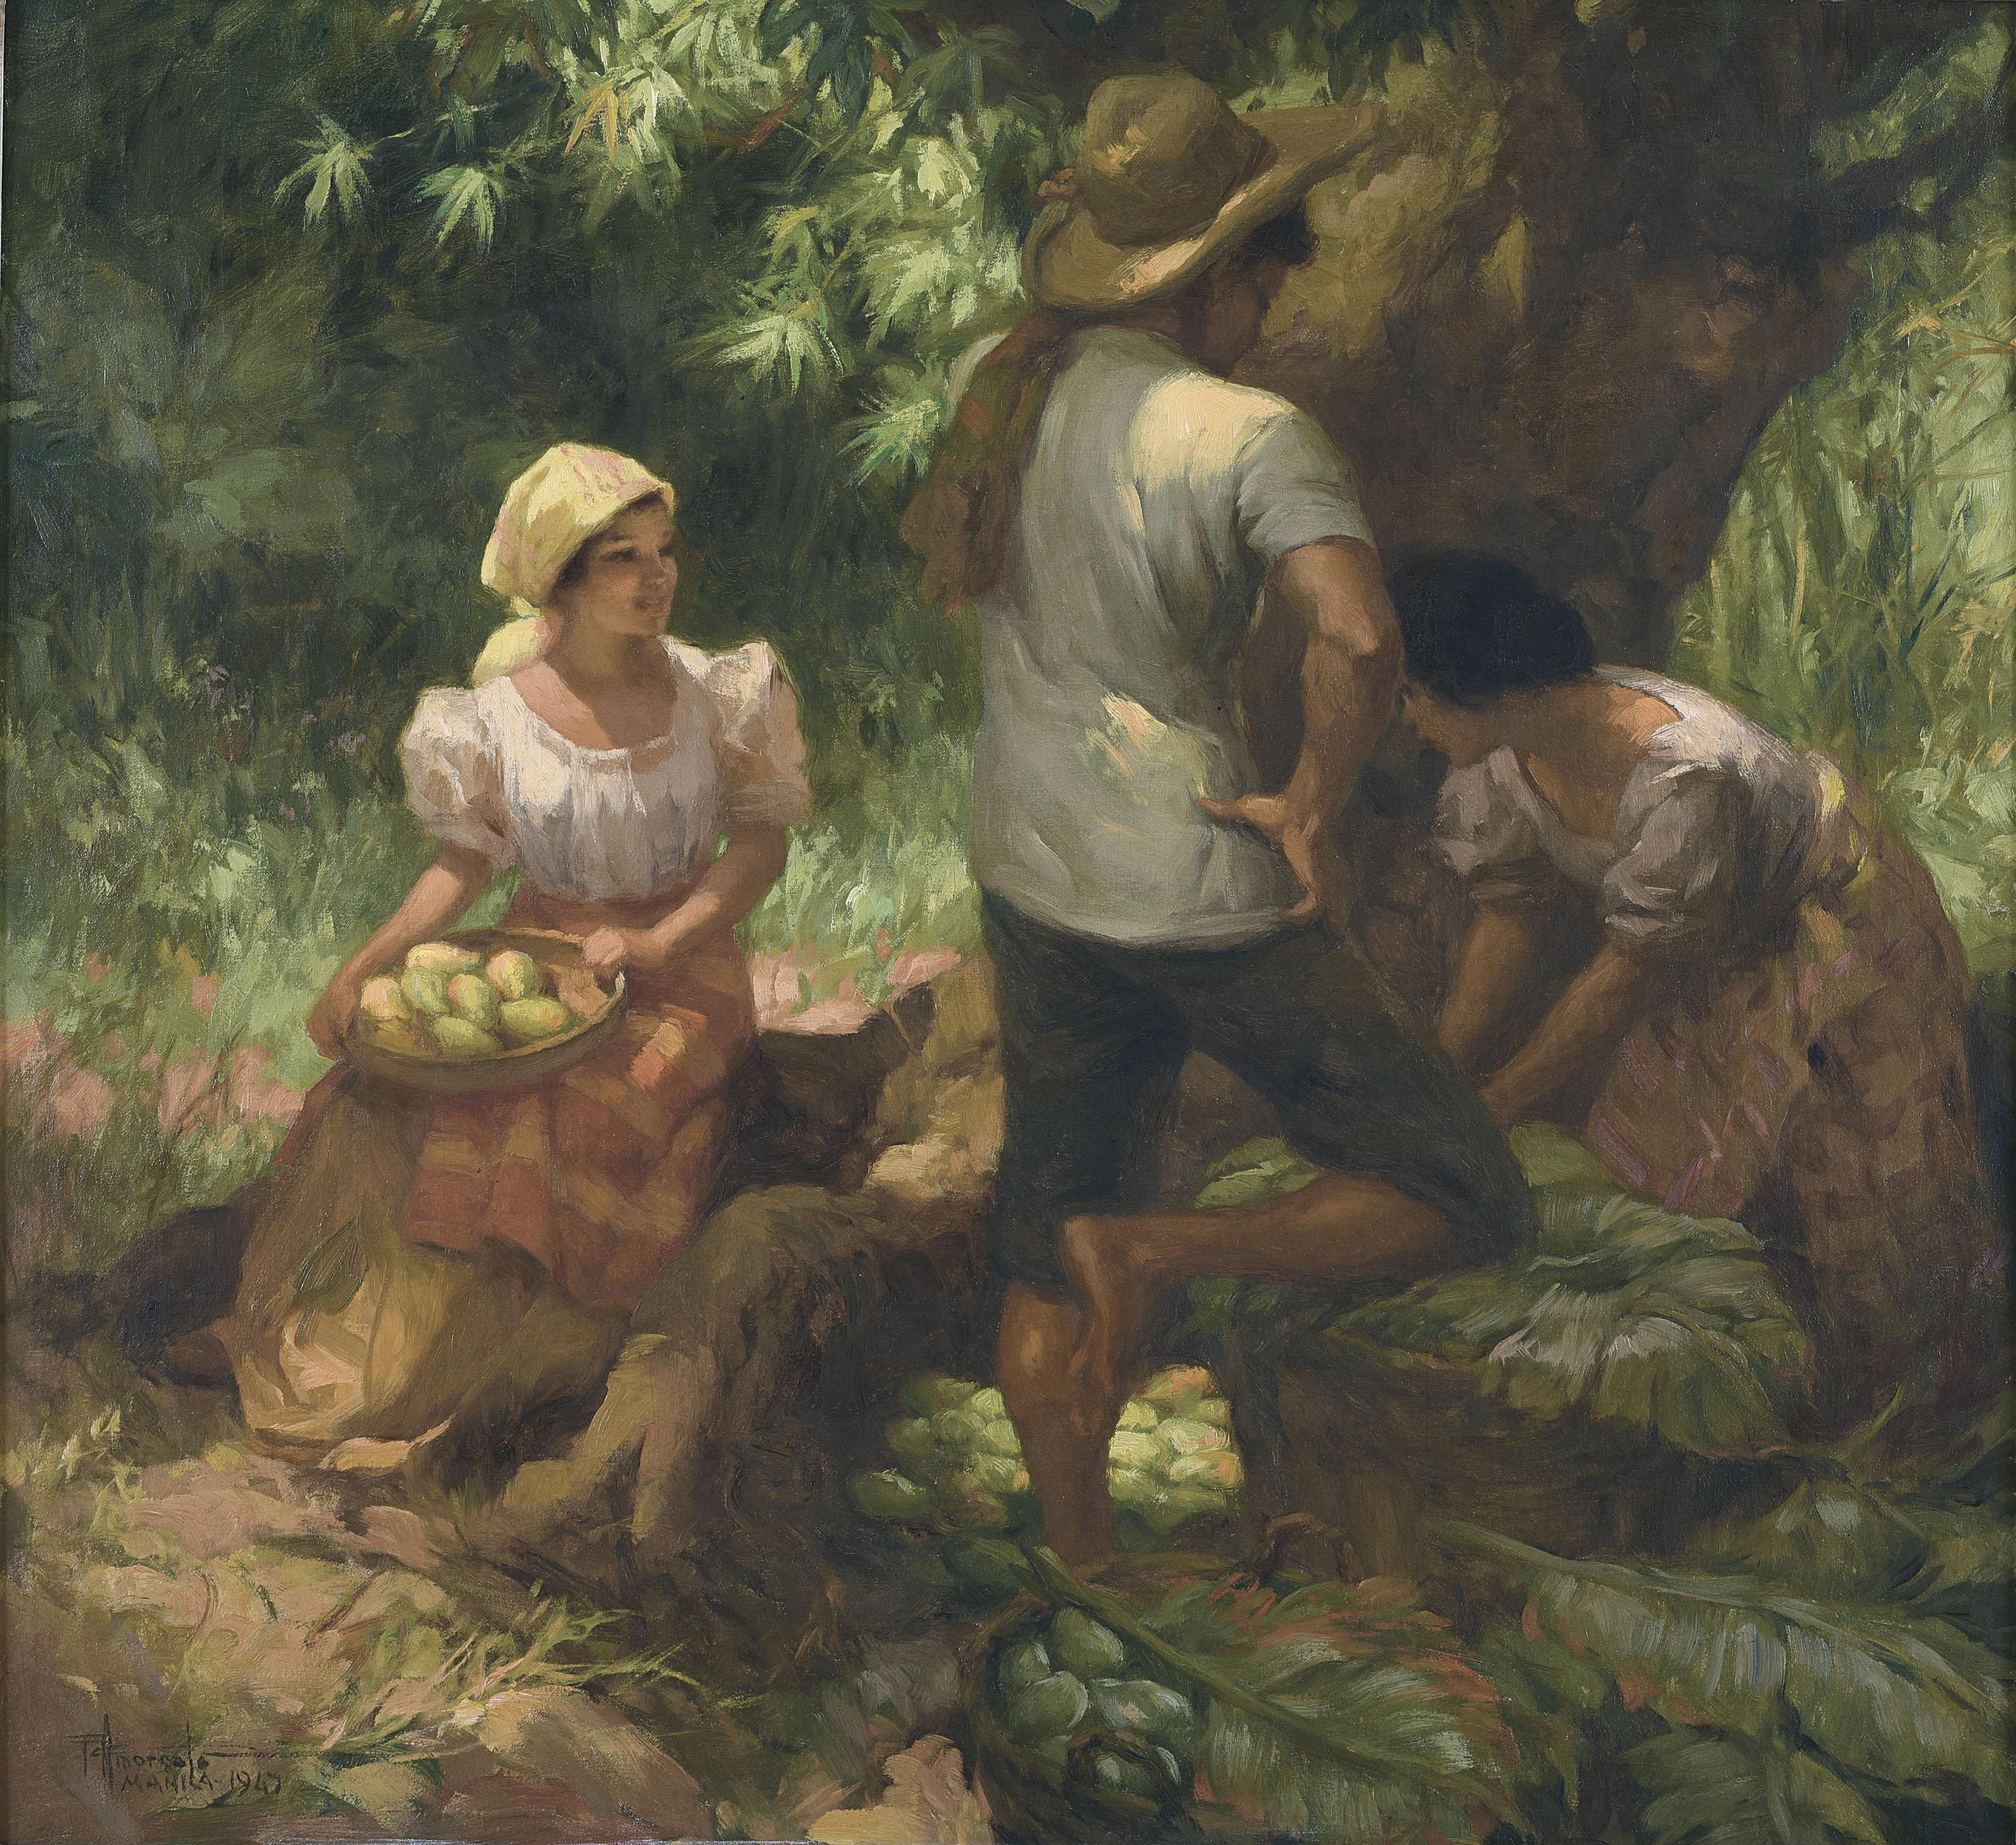 FERNANDO CUETO AMORSOLO (PHILIPPINES, 1892-1972)